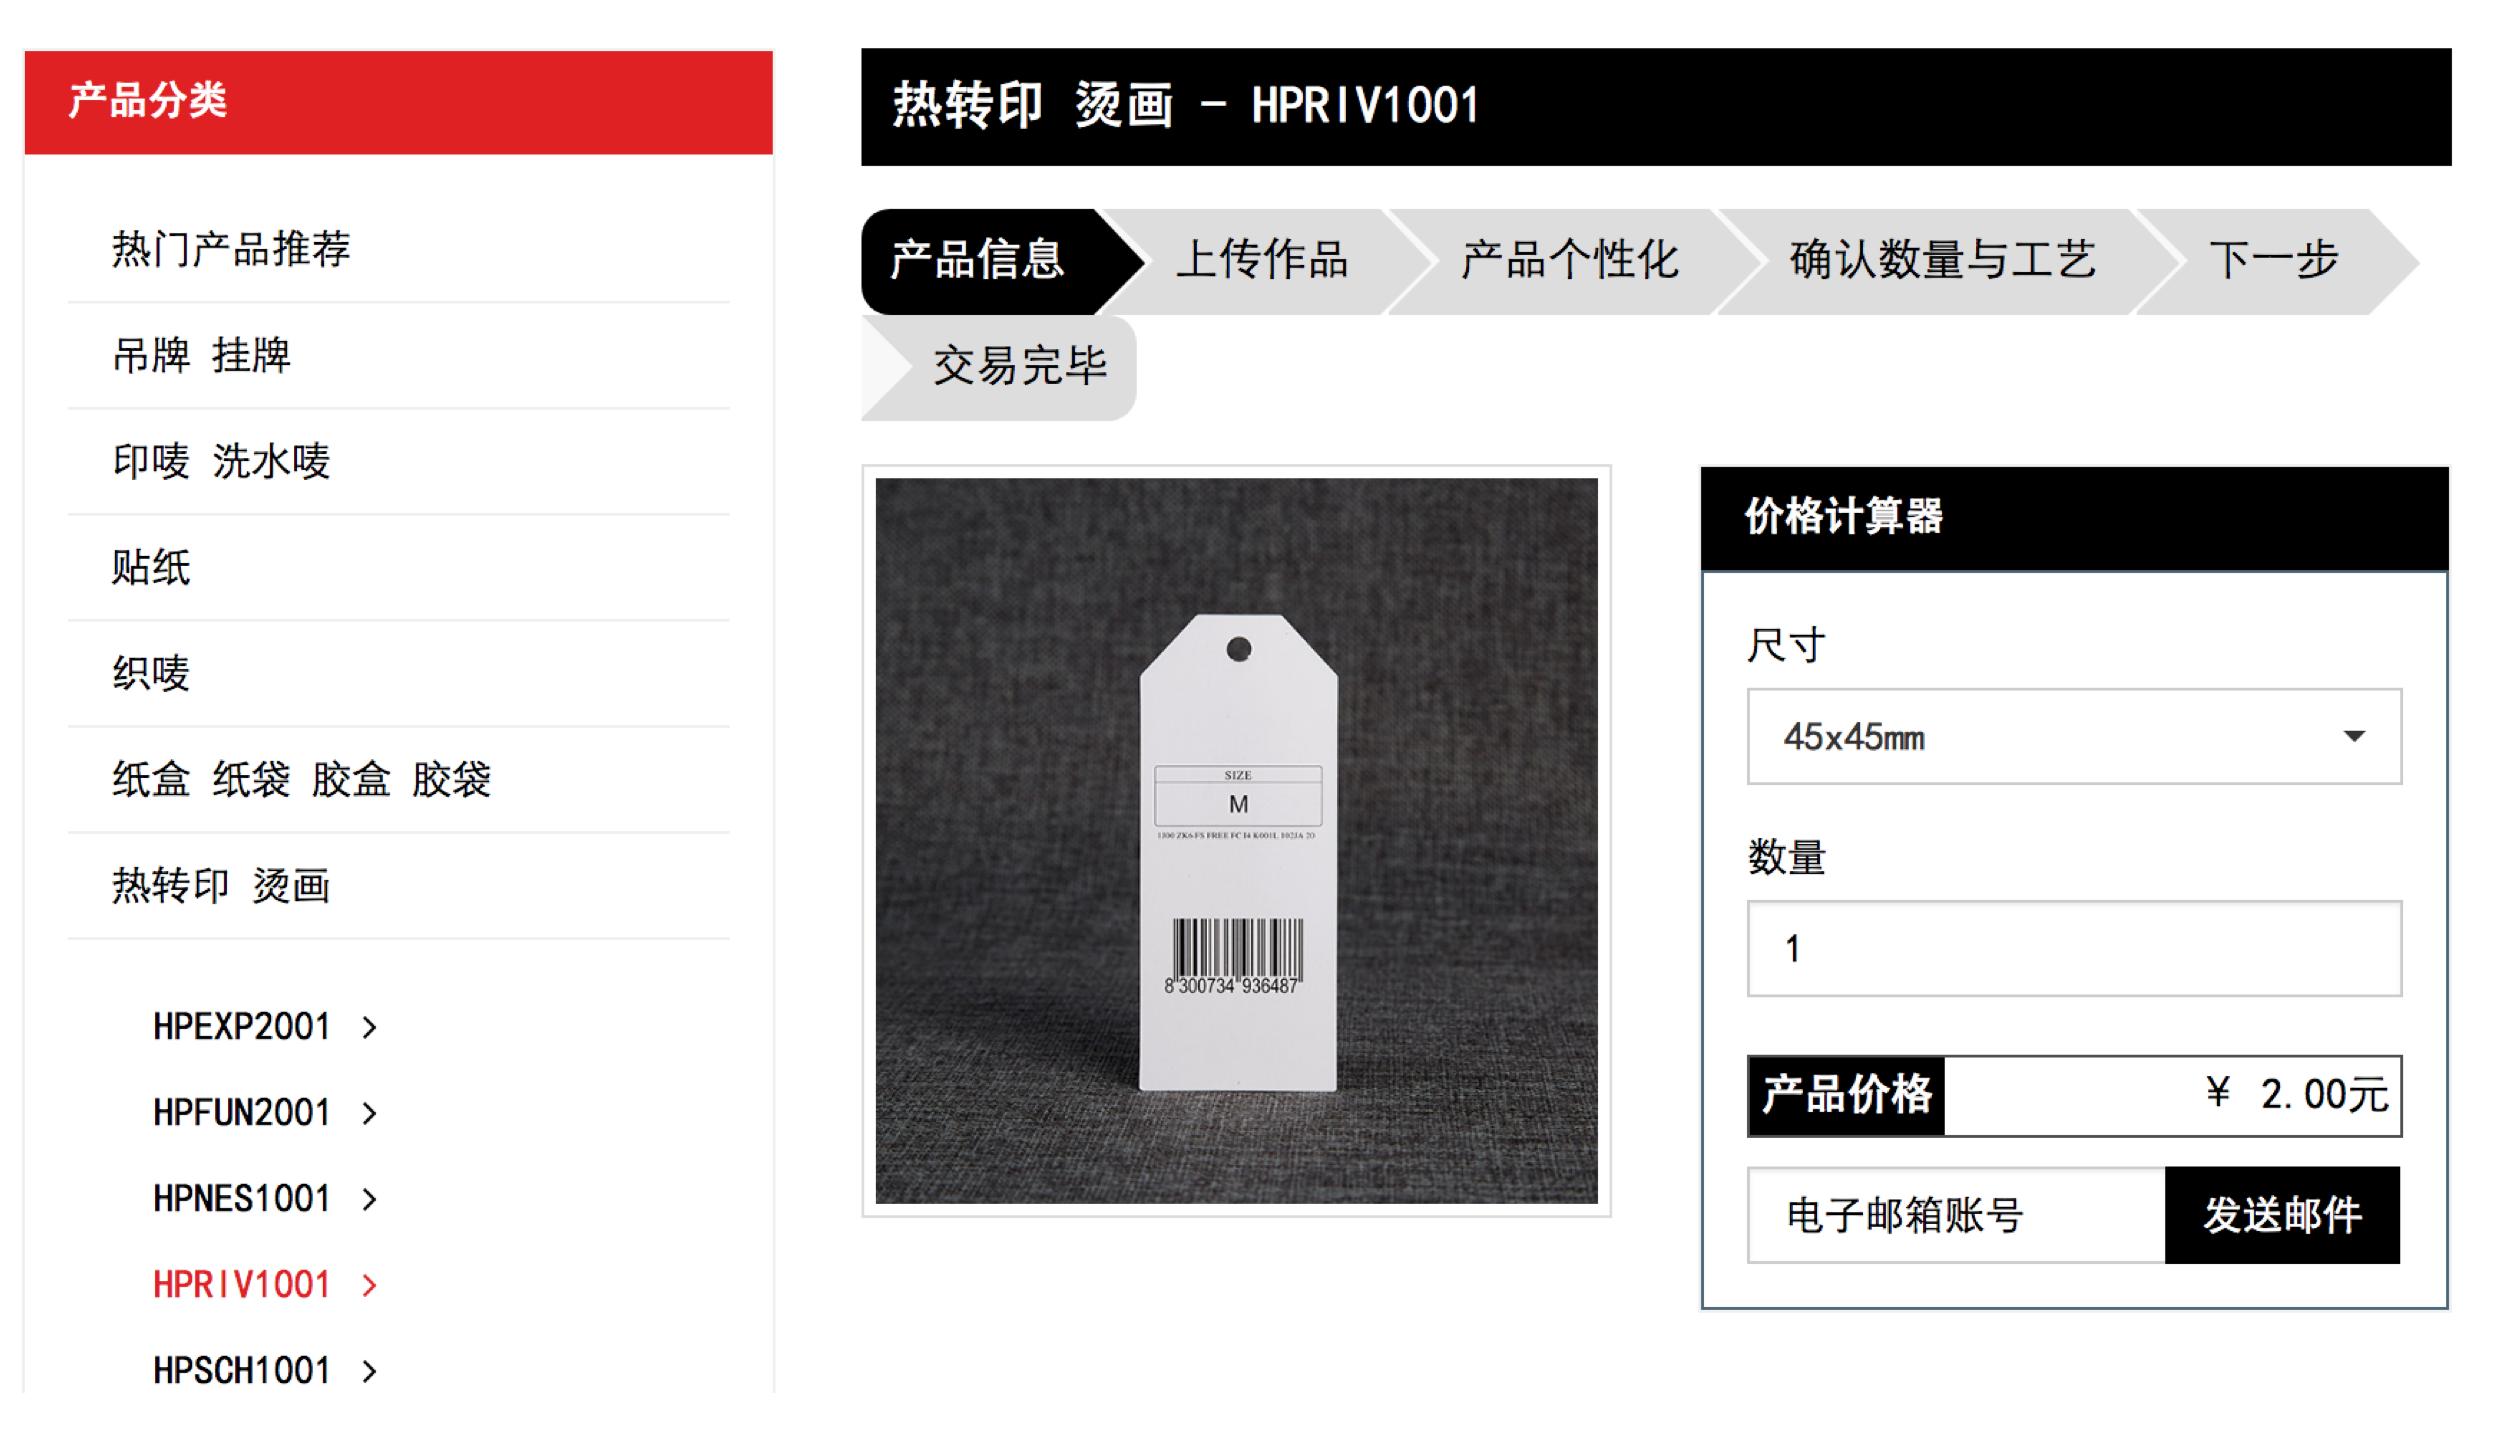 标签吊牌产品浏览